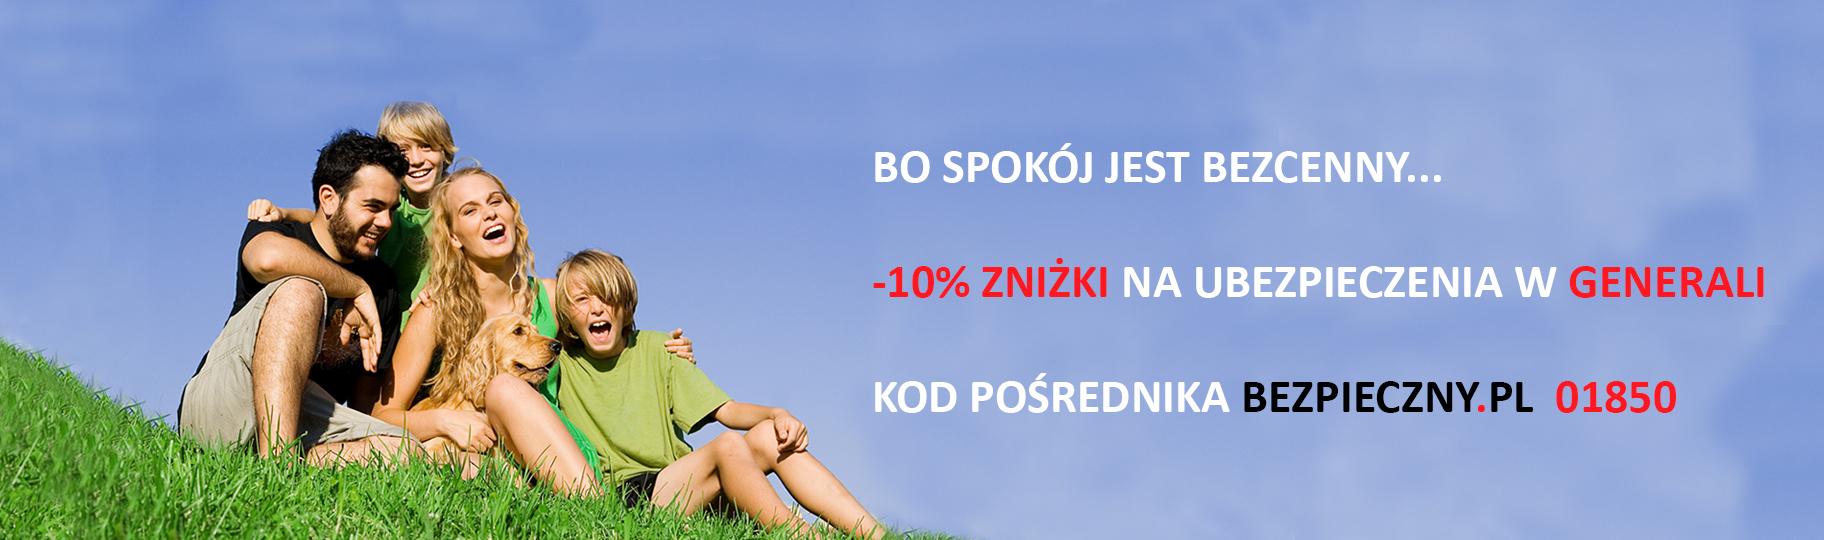 Posrednik Bezpieczny.pl - Kod Posrednika Bezpieczny.PL 01850